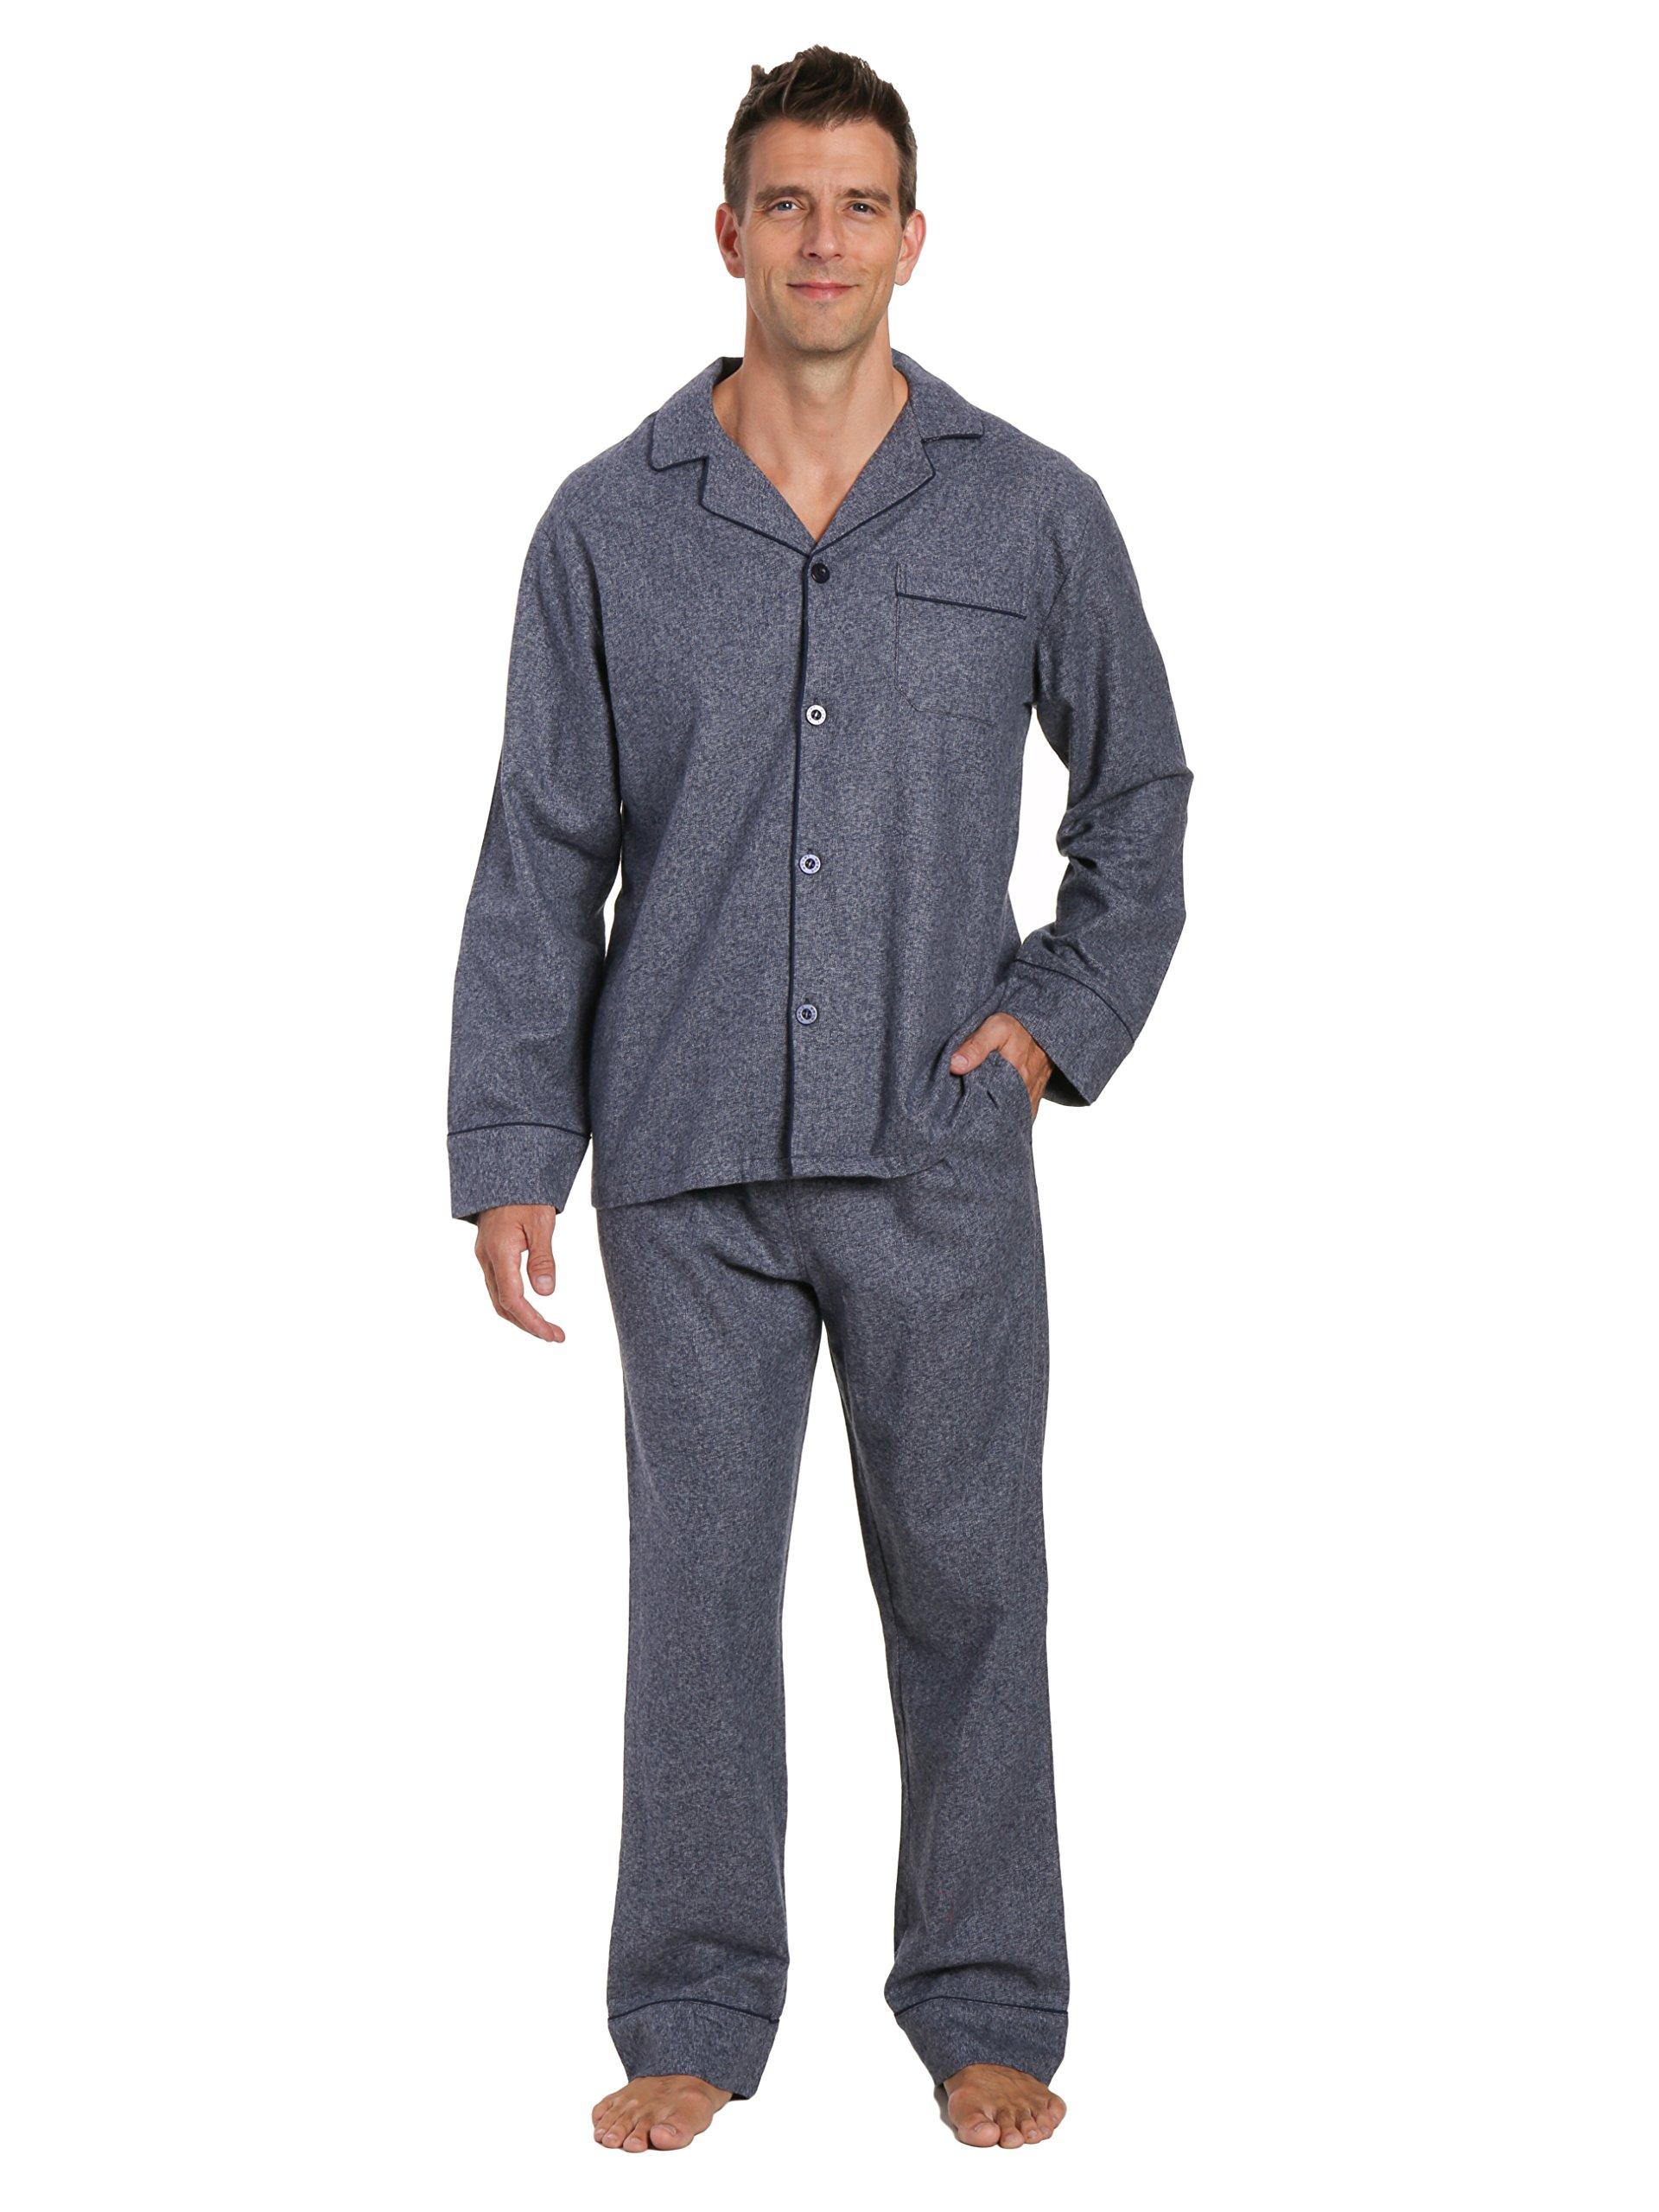 Men's Premium Flannel Pajama Set - Dark Blue - Medium by Noble Mount